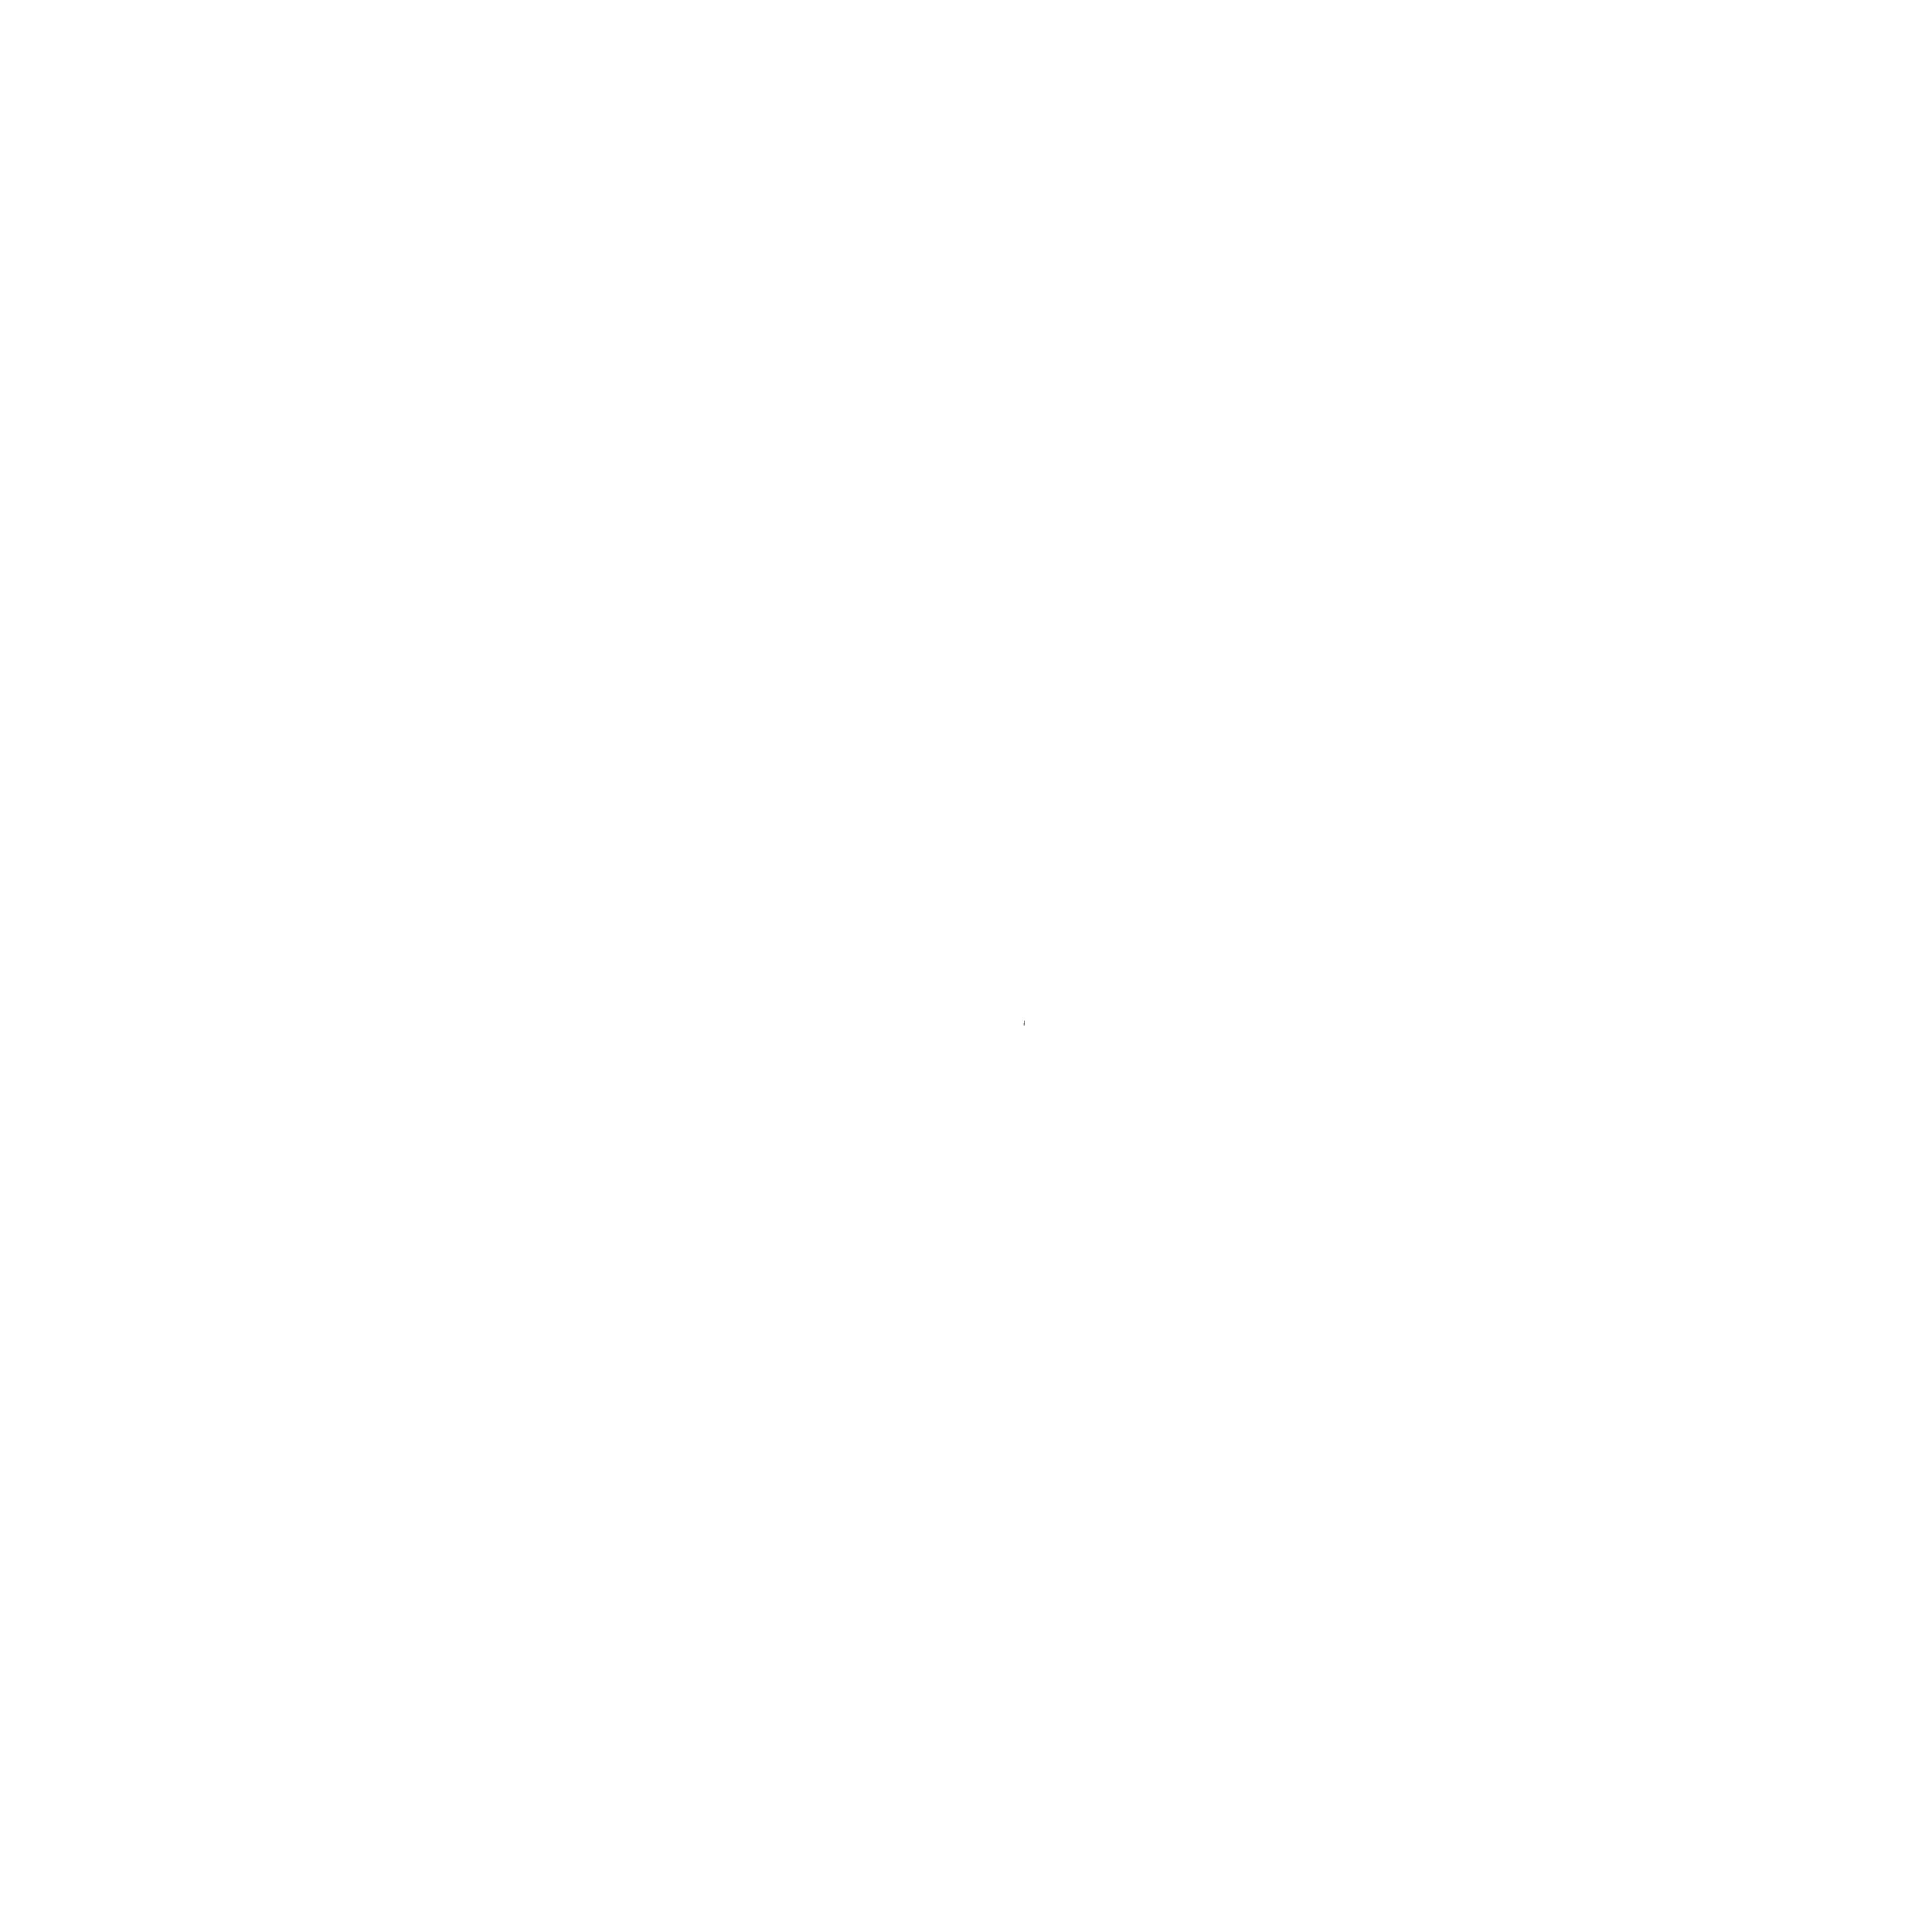 60 Years Anniversary Photo